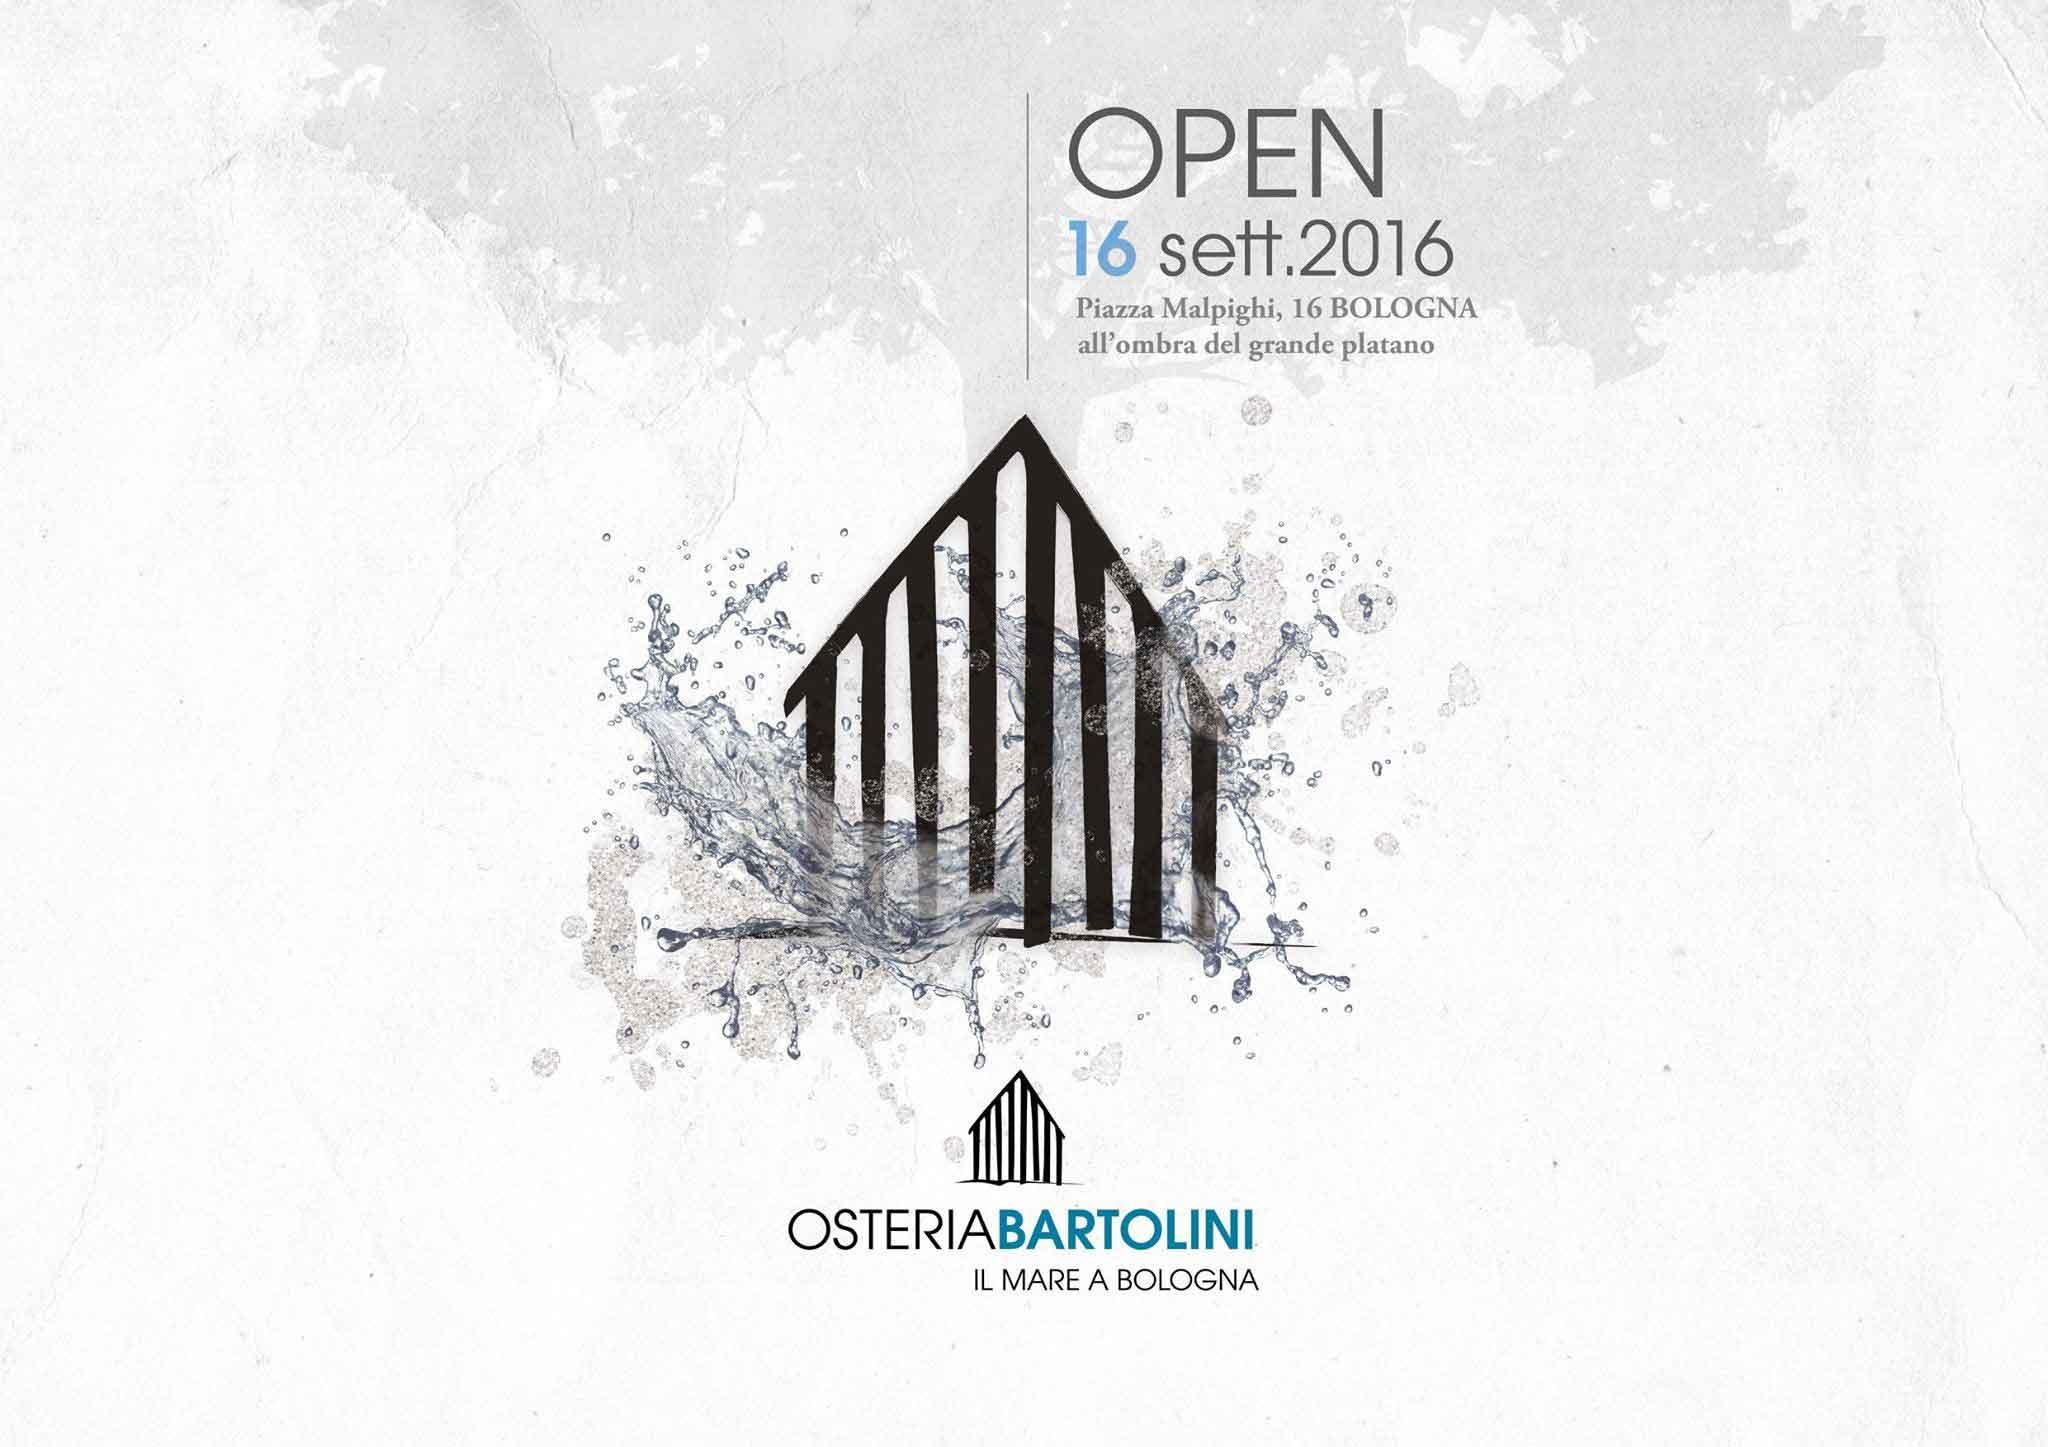 apertura-invito-osteria-bartolini-bologna